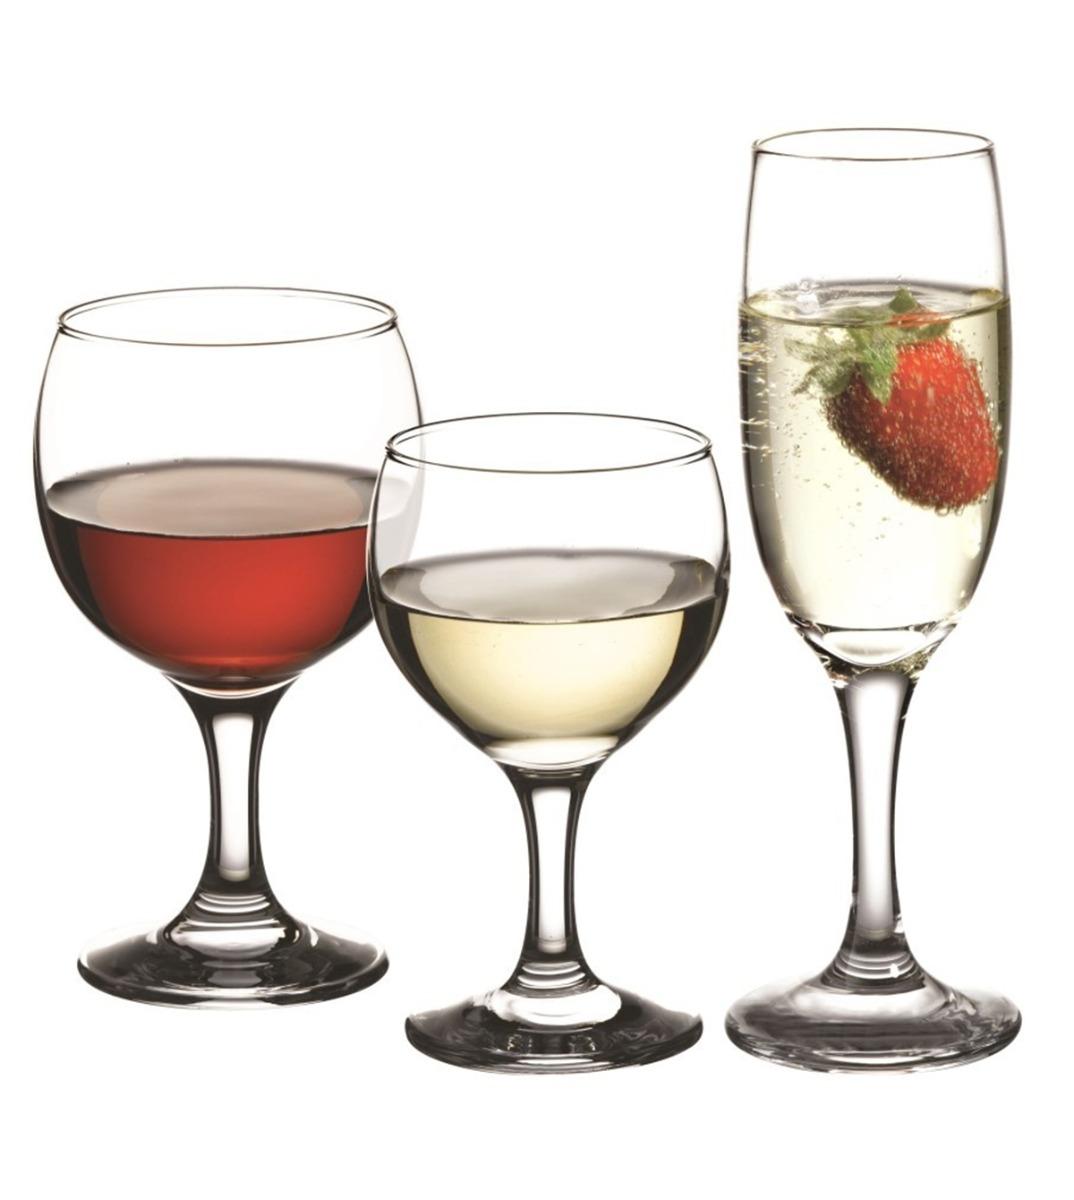 Calici Vino E Acqua set bicchieri 18 pezzi calici paris acqua vino flute vetro trasparente  pasabahce giosal